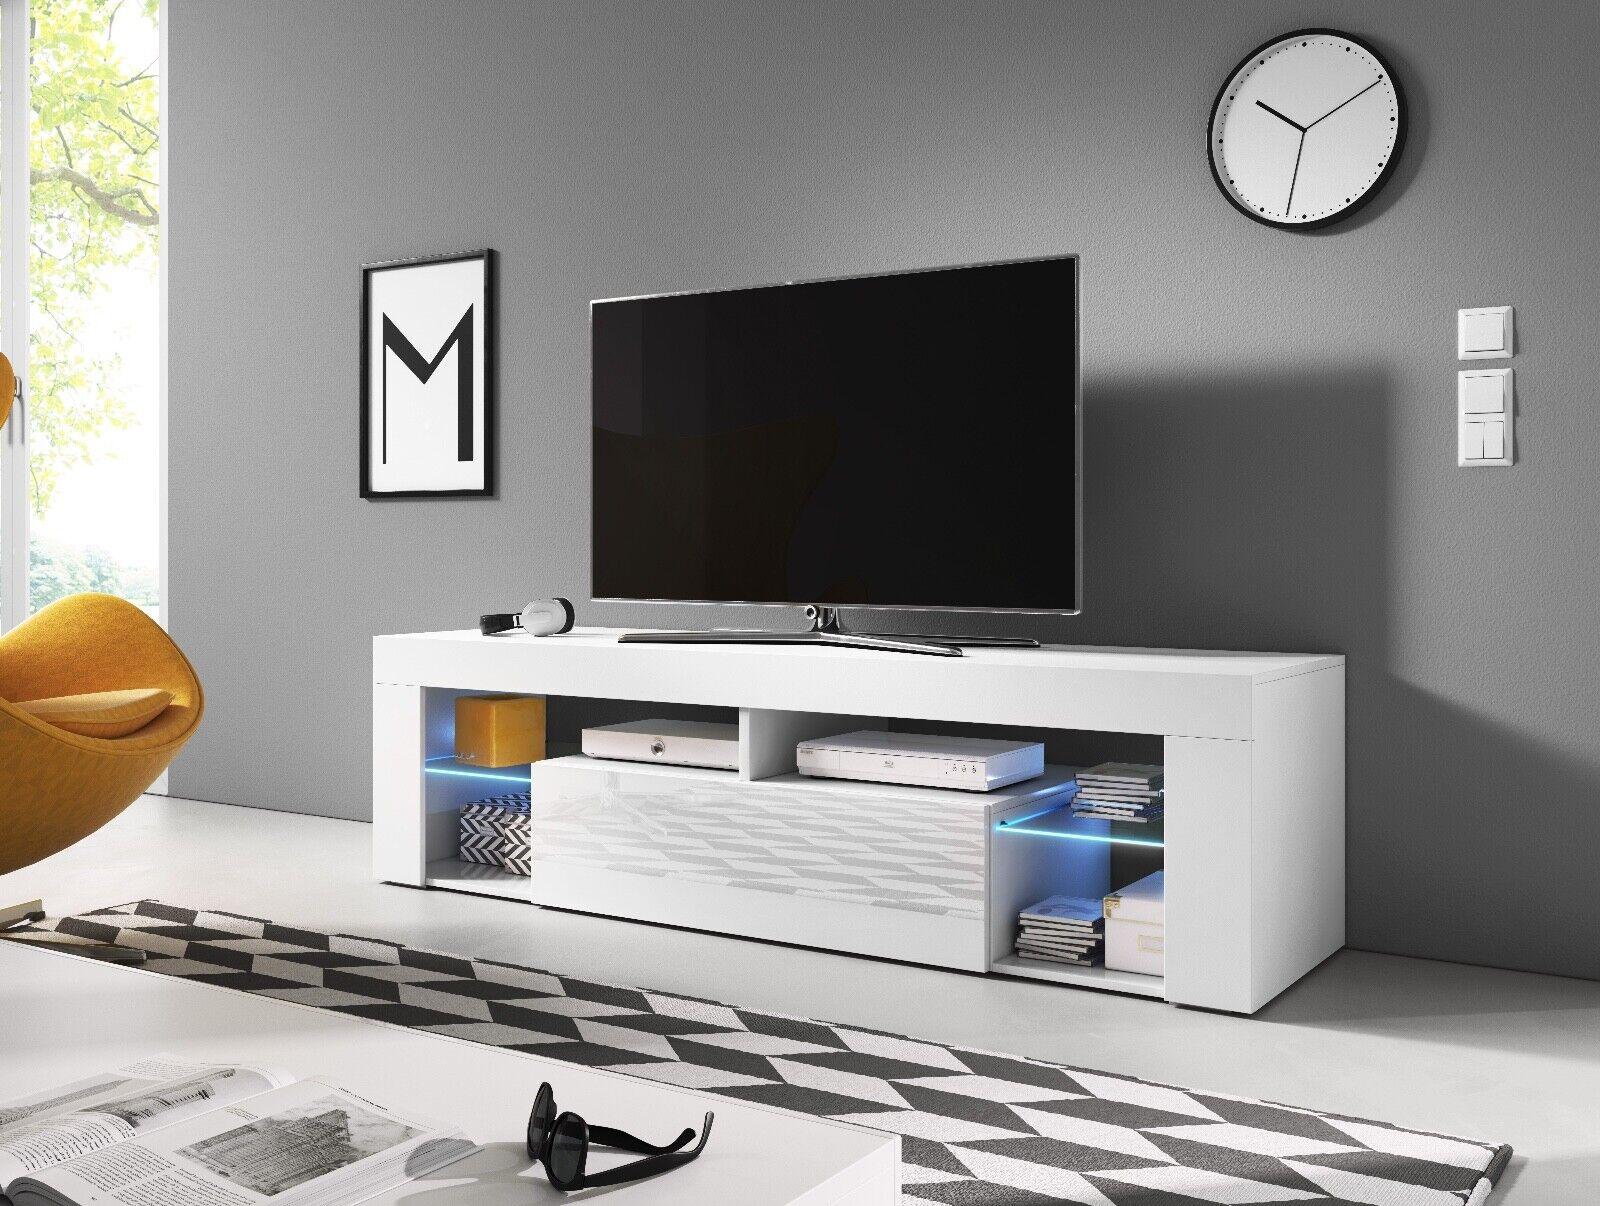 Sideboard Lowboard TV Fernsehschrank EVEREST 160cm Kommode ink LED Highboard NEU